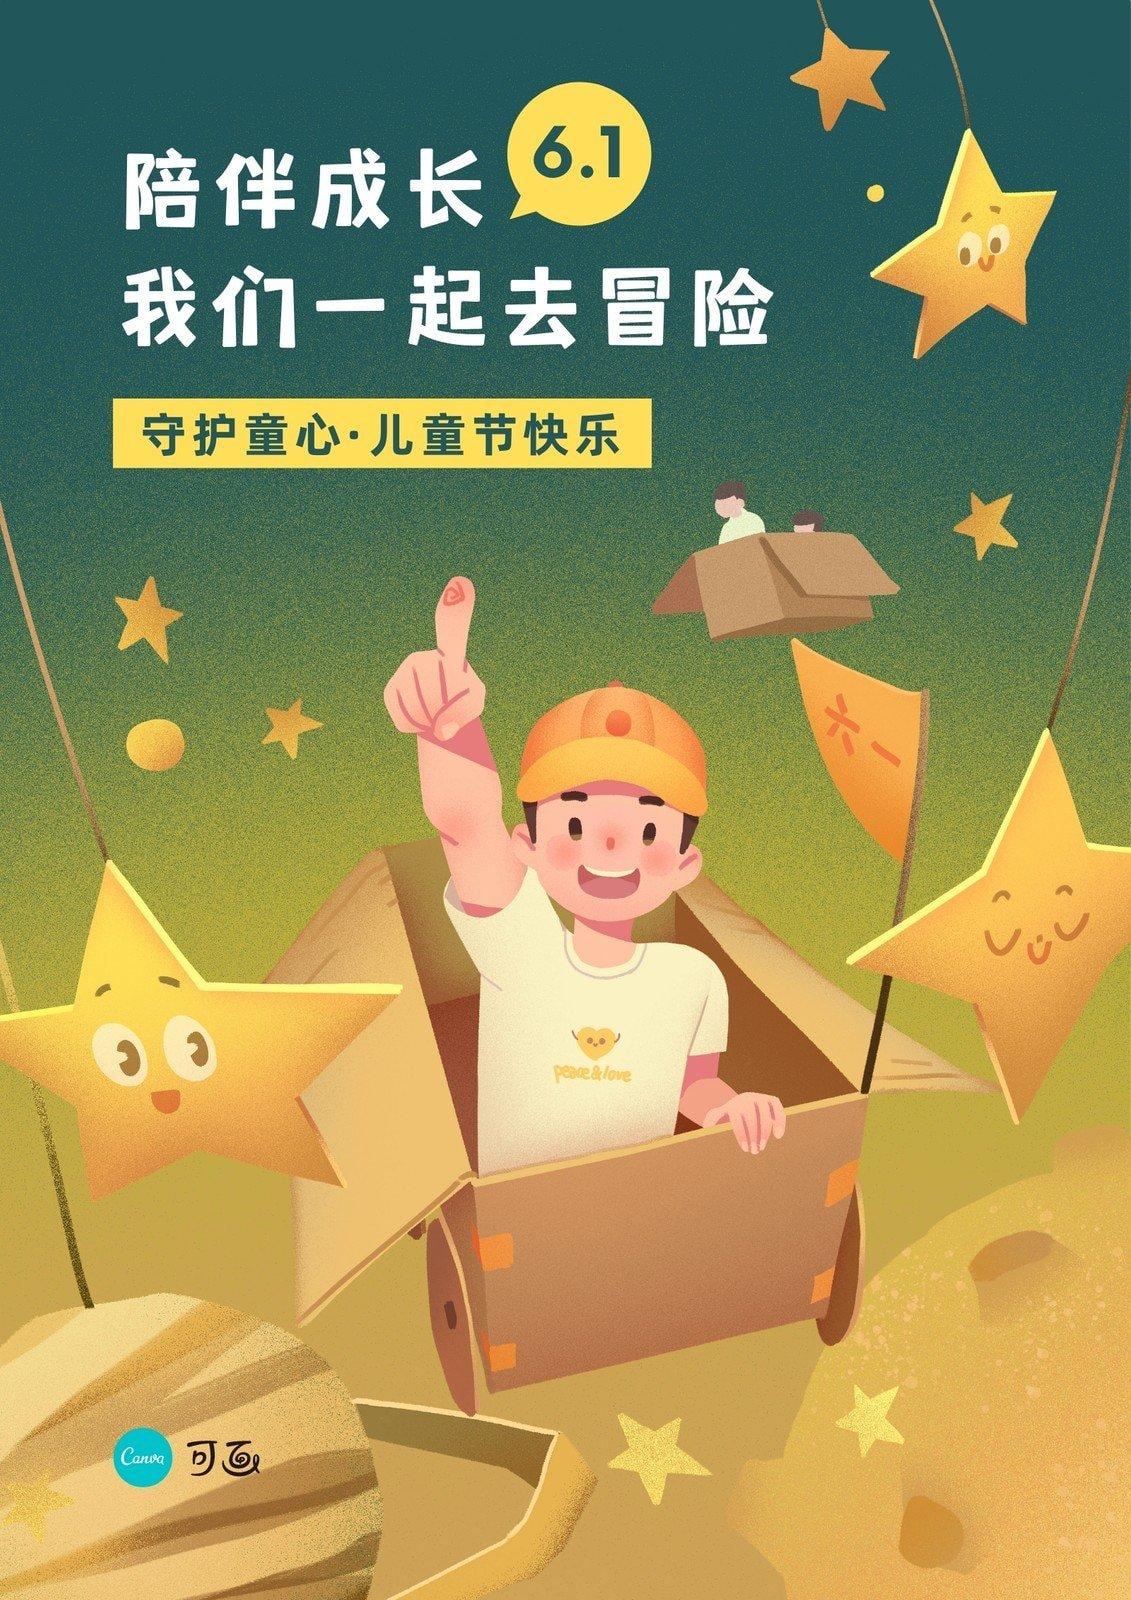 黄绿色小朋友纸箱冒险儿童系列插画手绘儿童节节日宣传中文海报